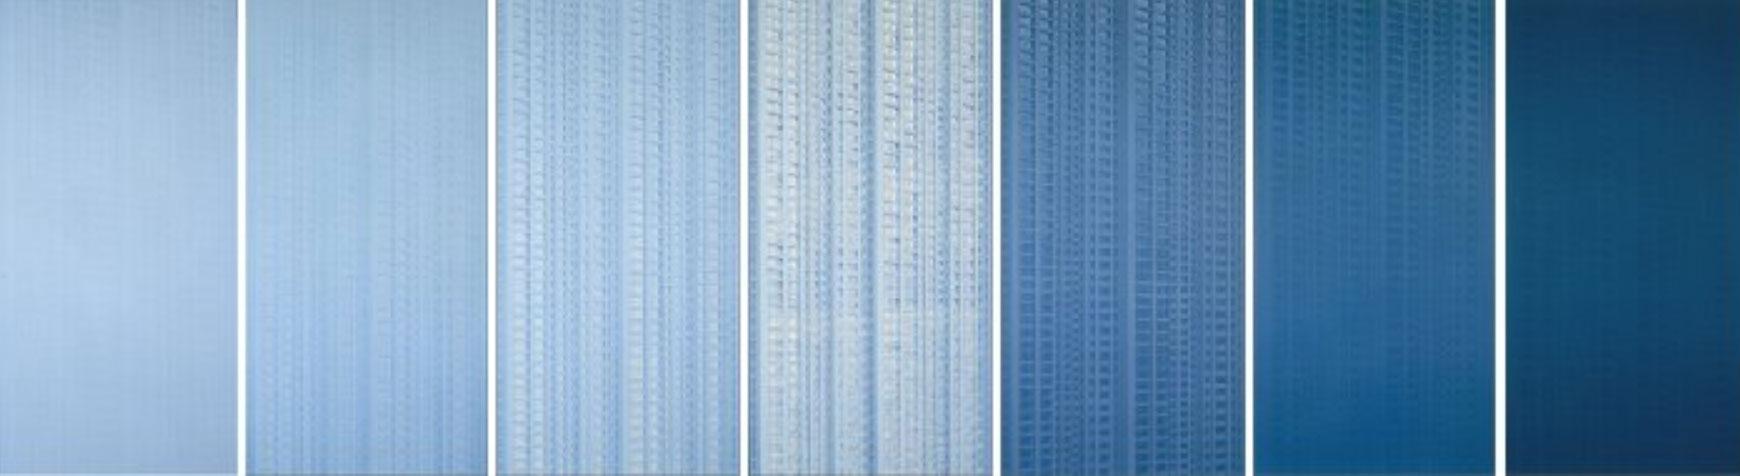 7 - LUIK  1978-1979 100x200 cm (7x)